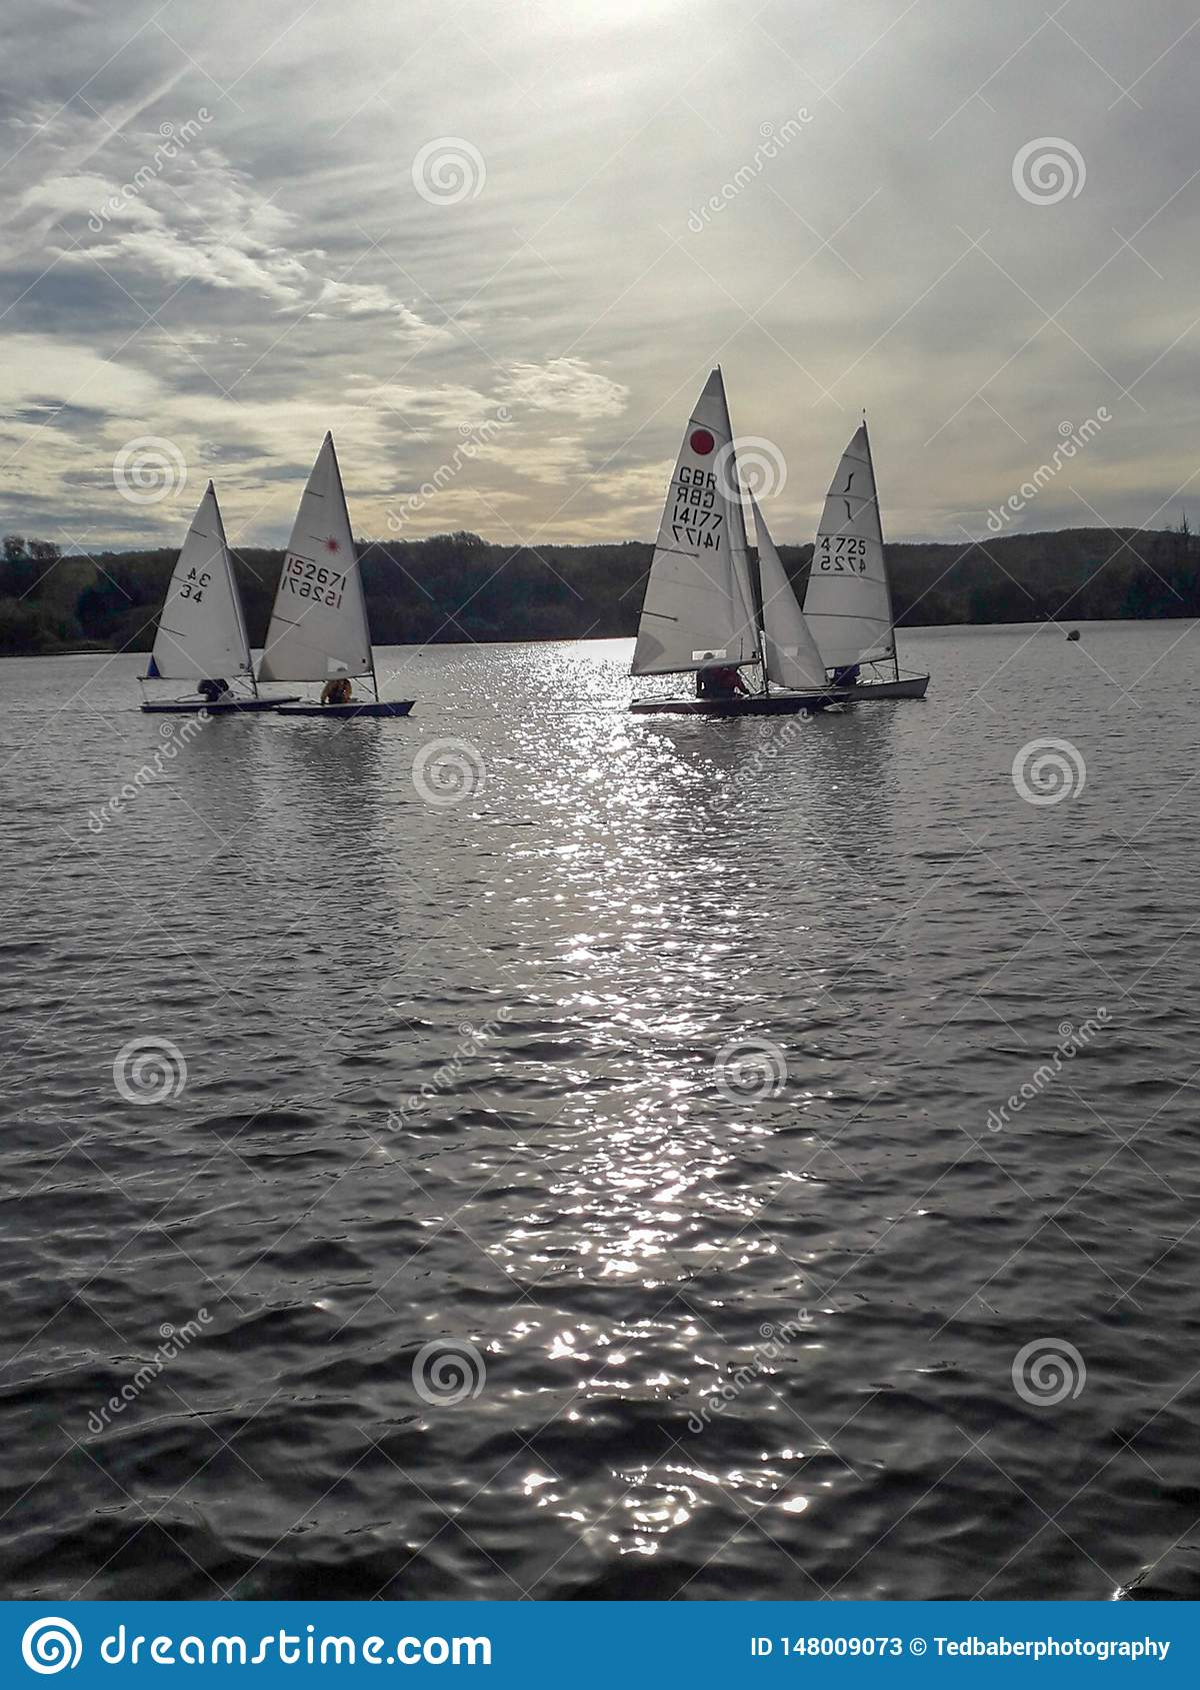 Die Segelboote auf dem See